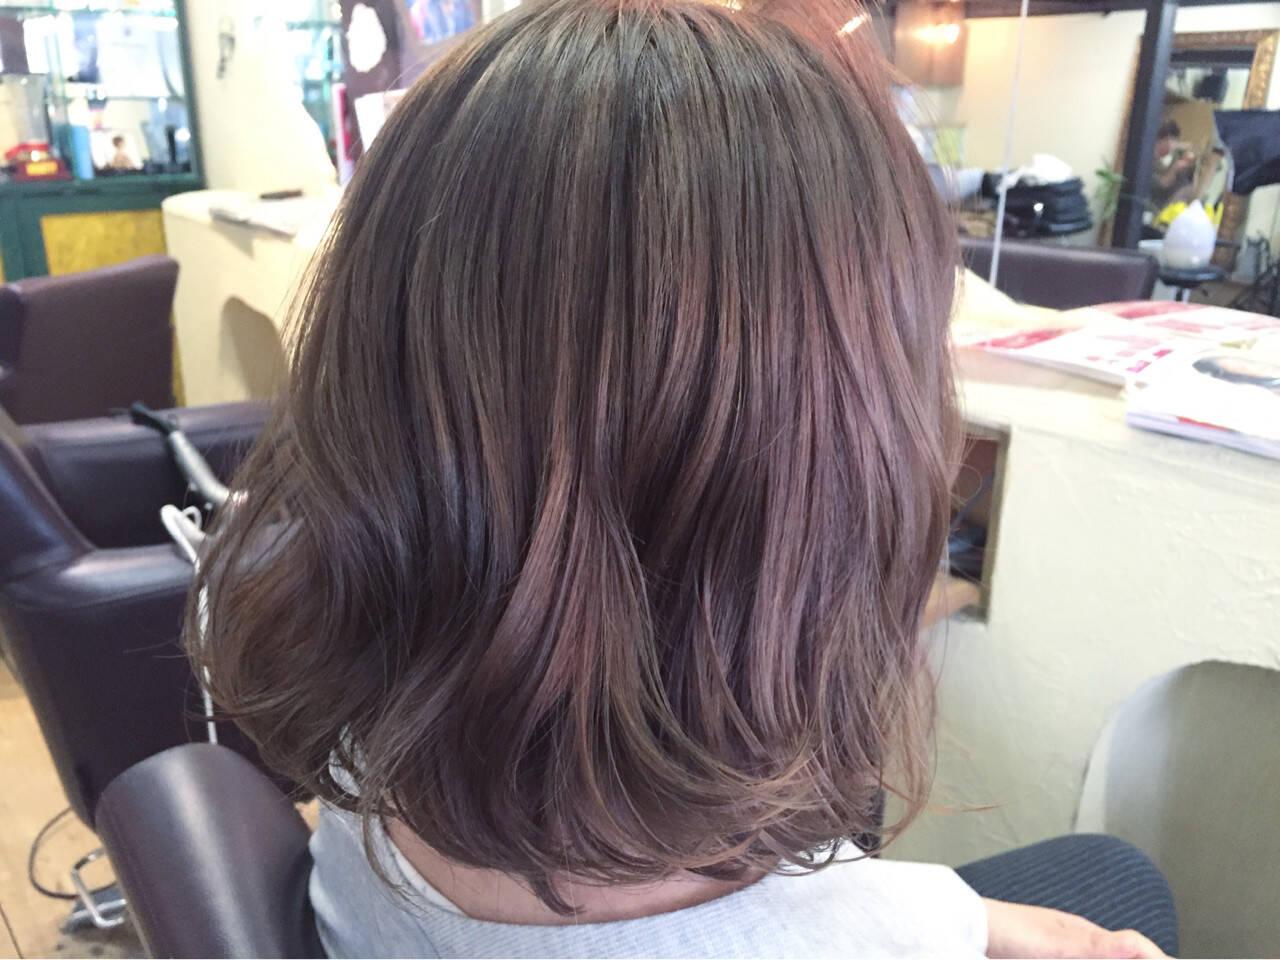 ピンク ミディアム アッシュ イルミナカラーヘアスタイルや髪型の写真・画像